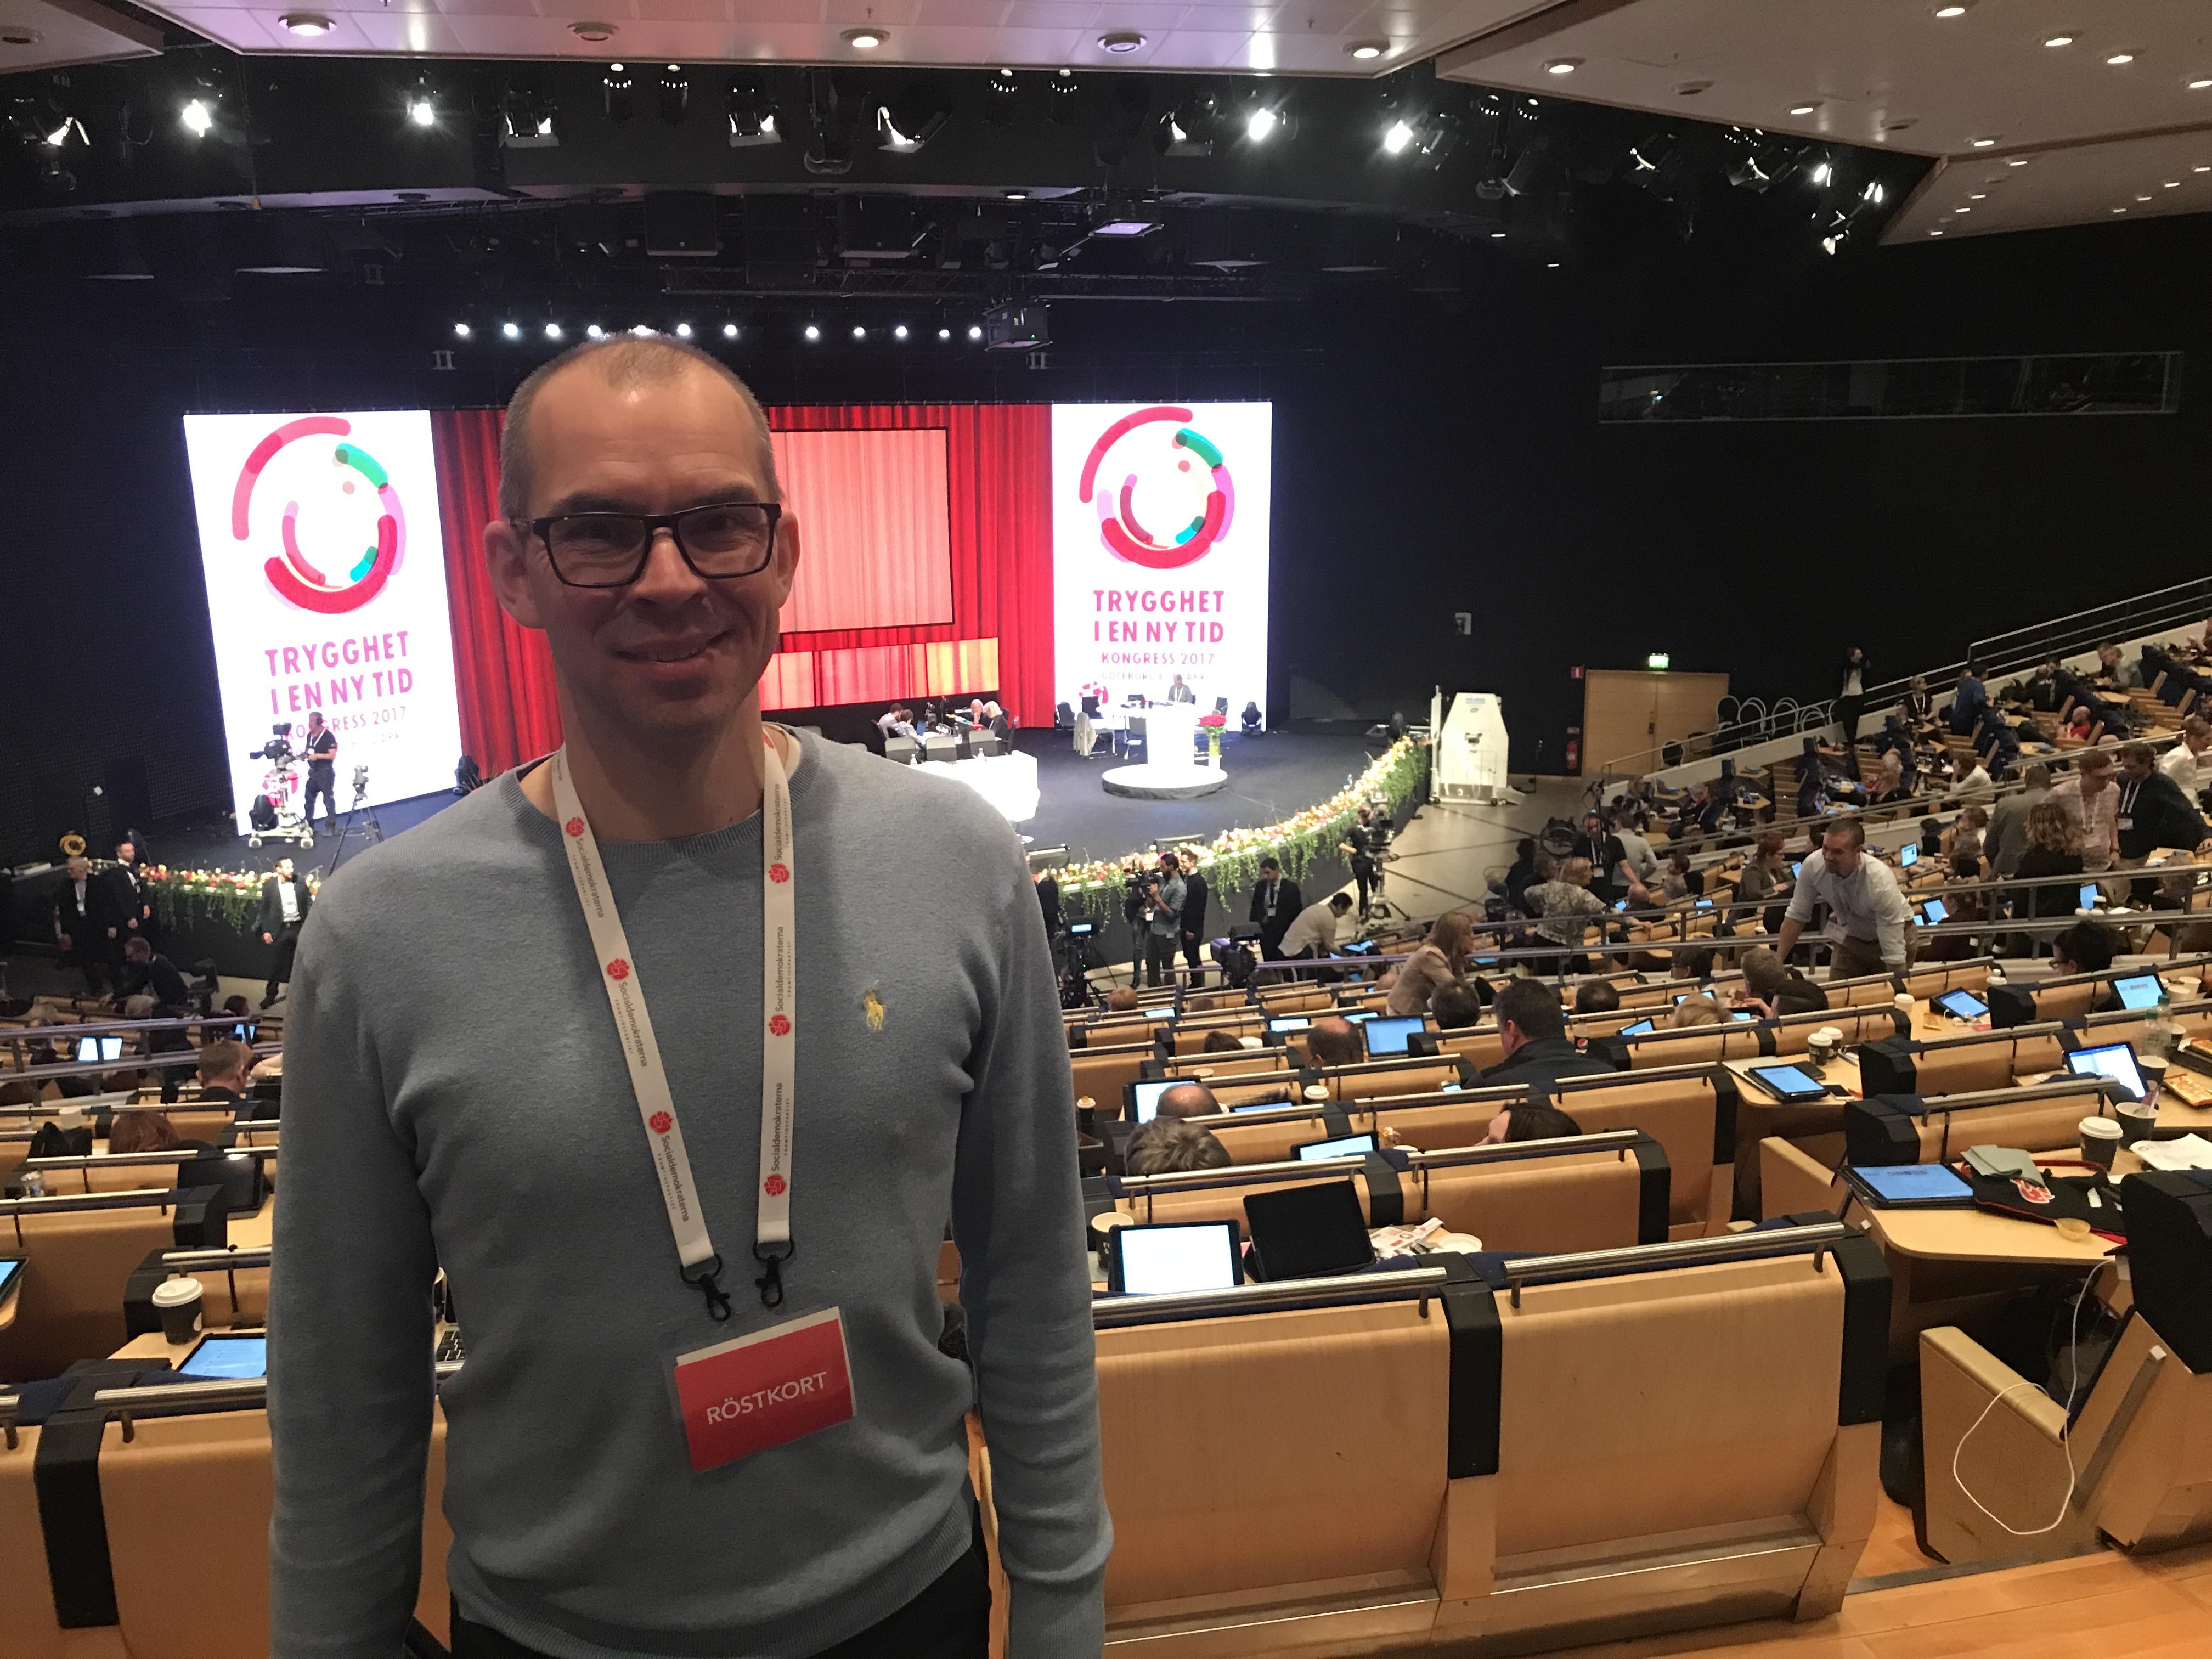 Niklas Nordströms krönika om Lulebos starka ekonomi och offensiva satsningar